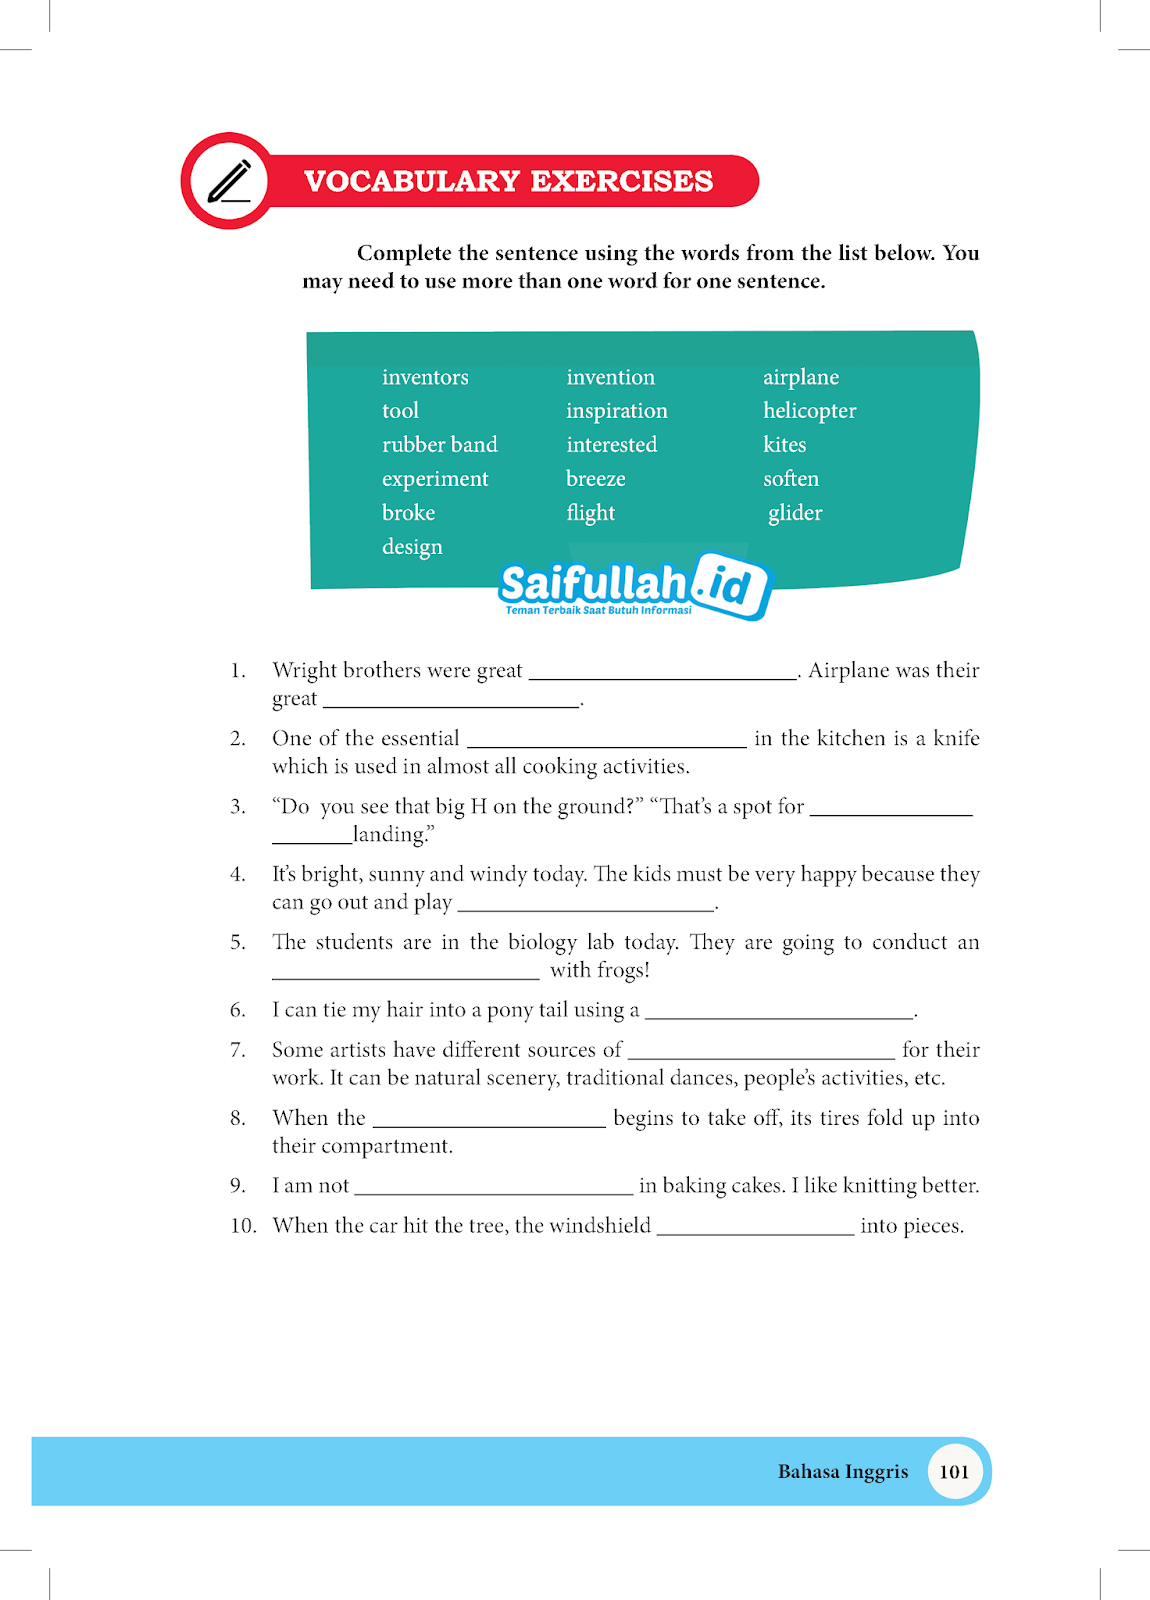 Kunci Jawaban Buku Paket Bahasa Inggris Kelas 10 Kurikulum 2013 Guru Ilmu Sosial